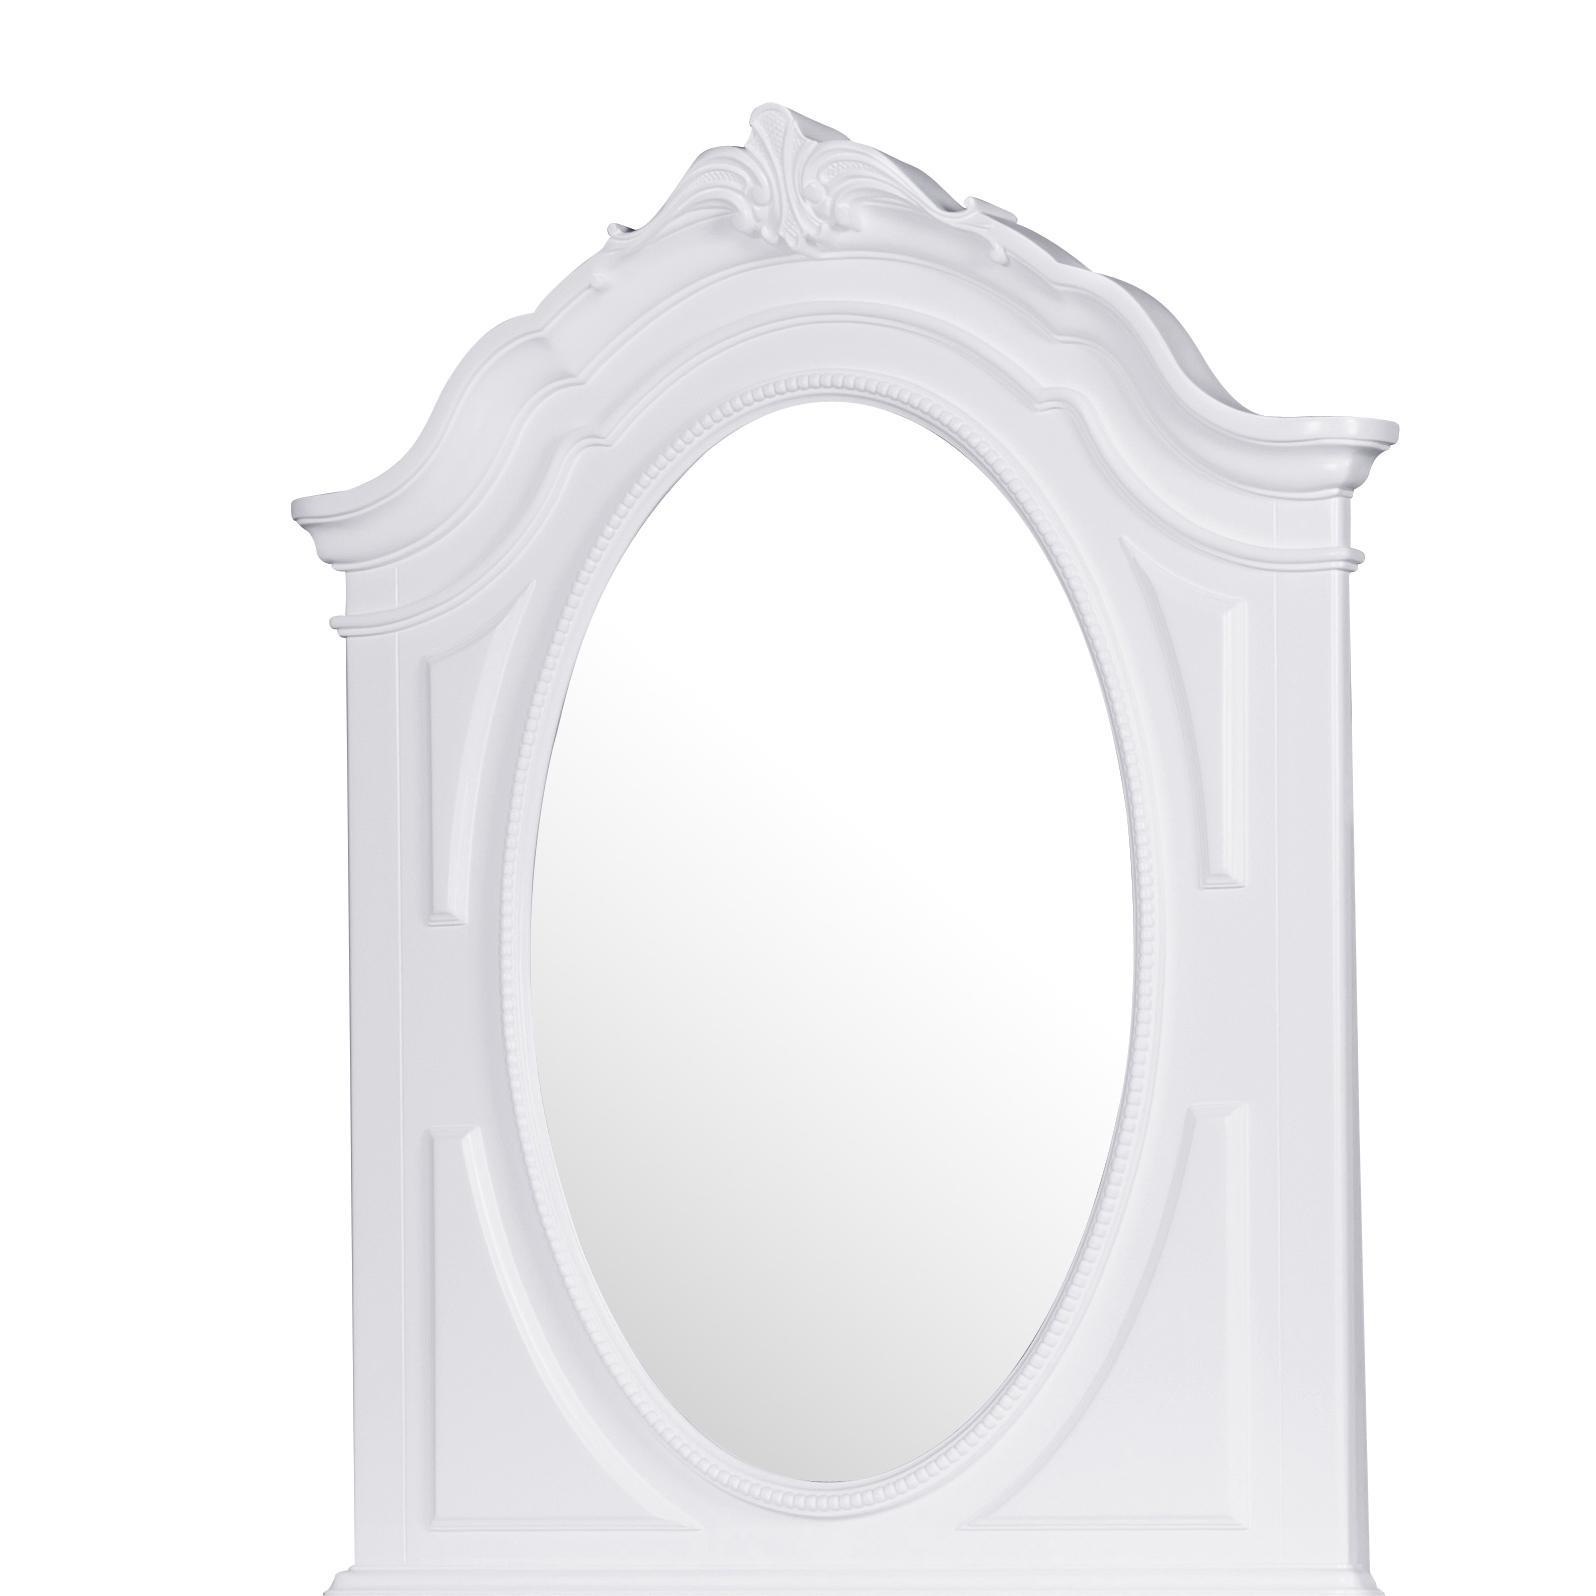 Morris Home Furnishings Sarasota Sarasota Mirror - Item Number: 8470-430